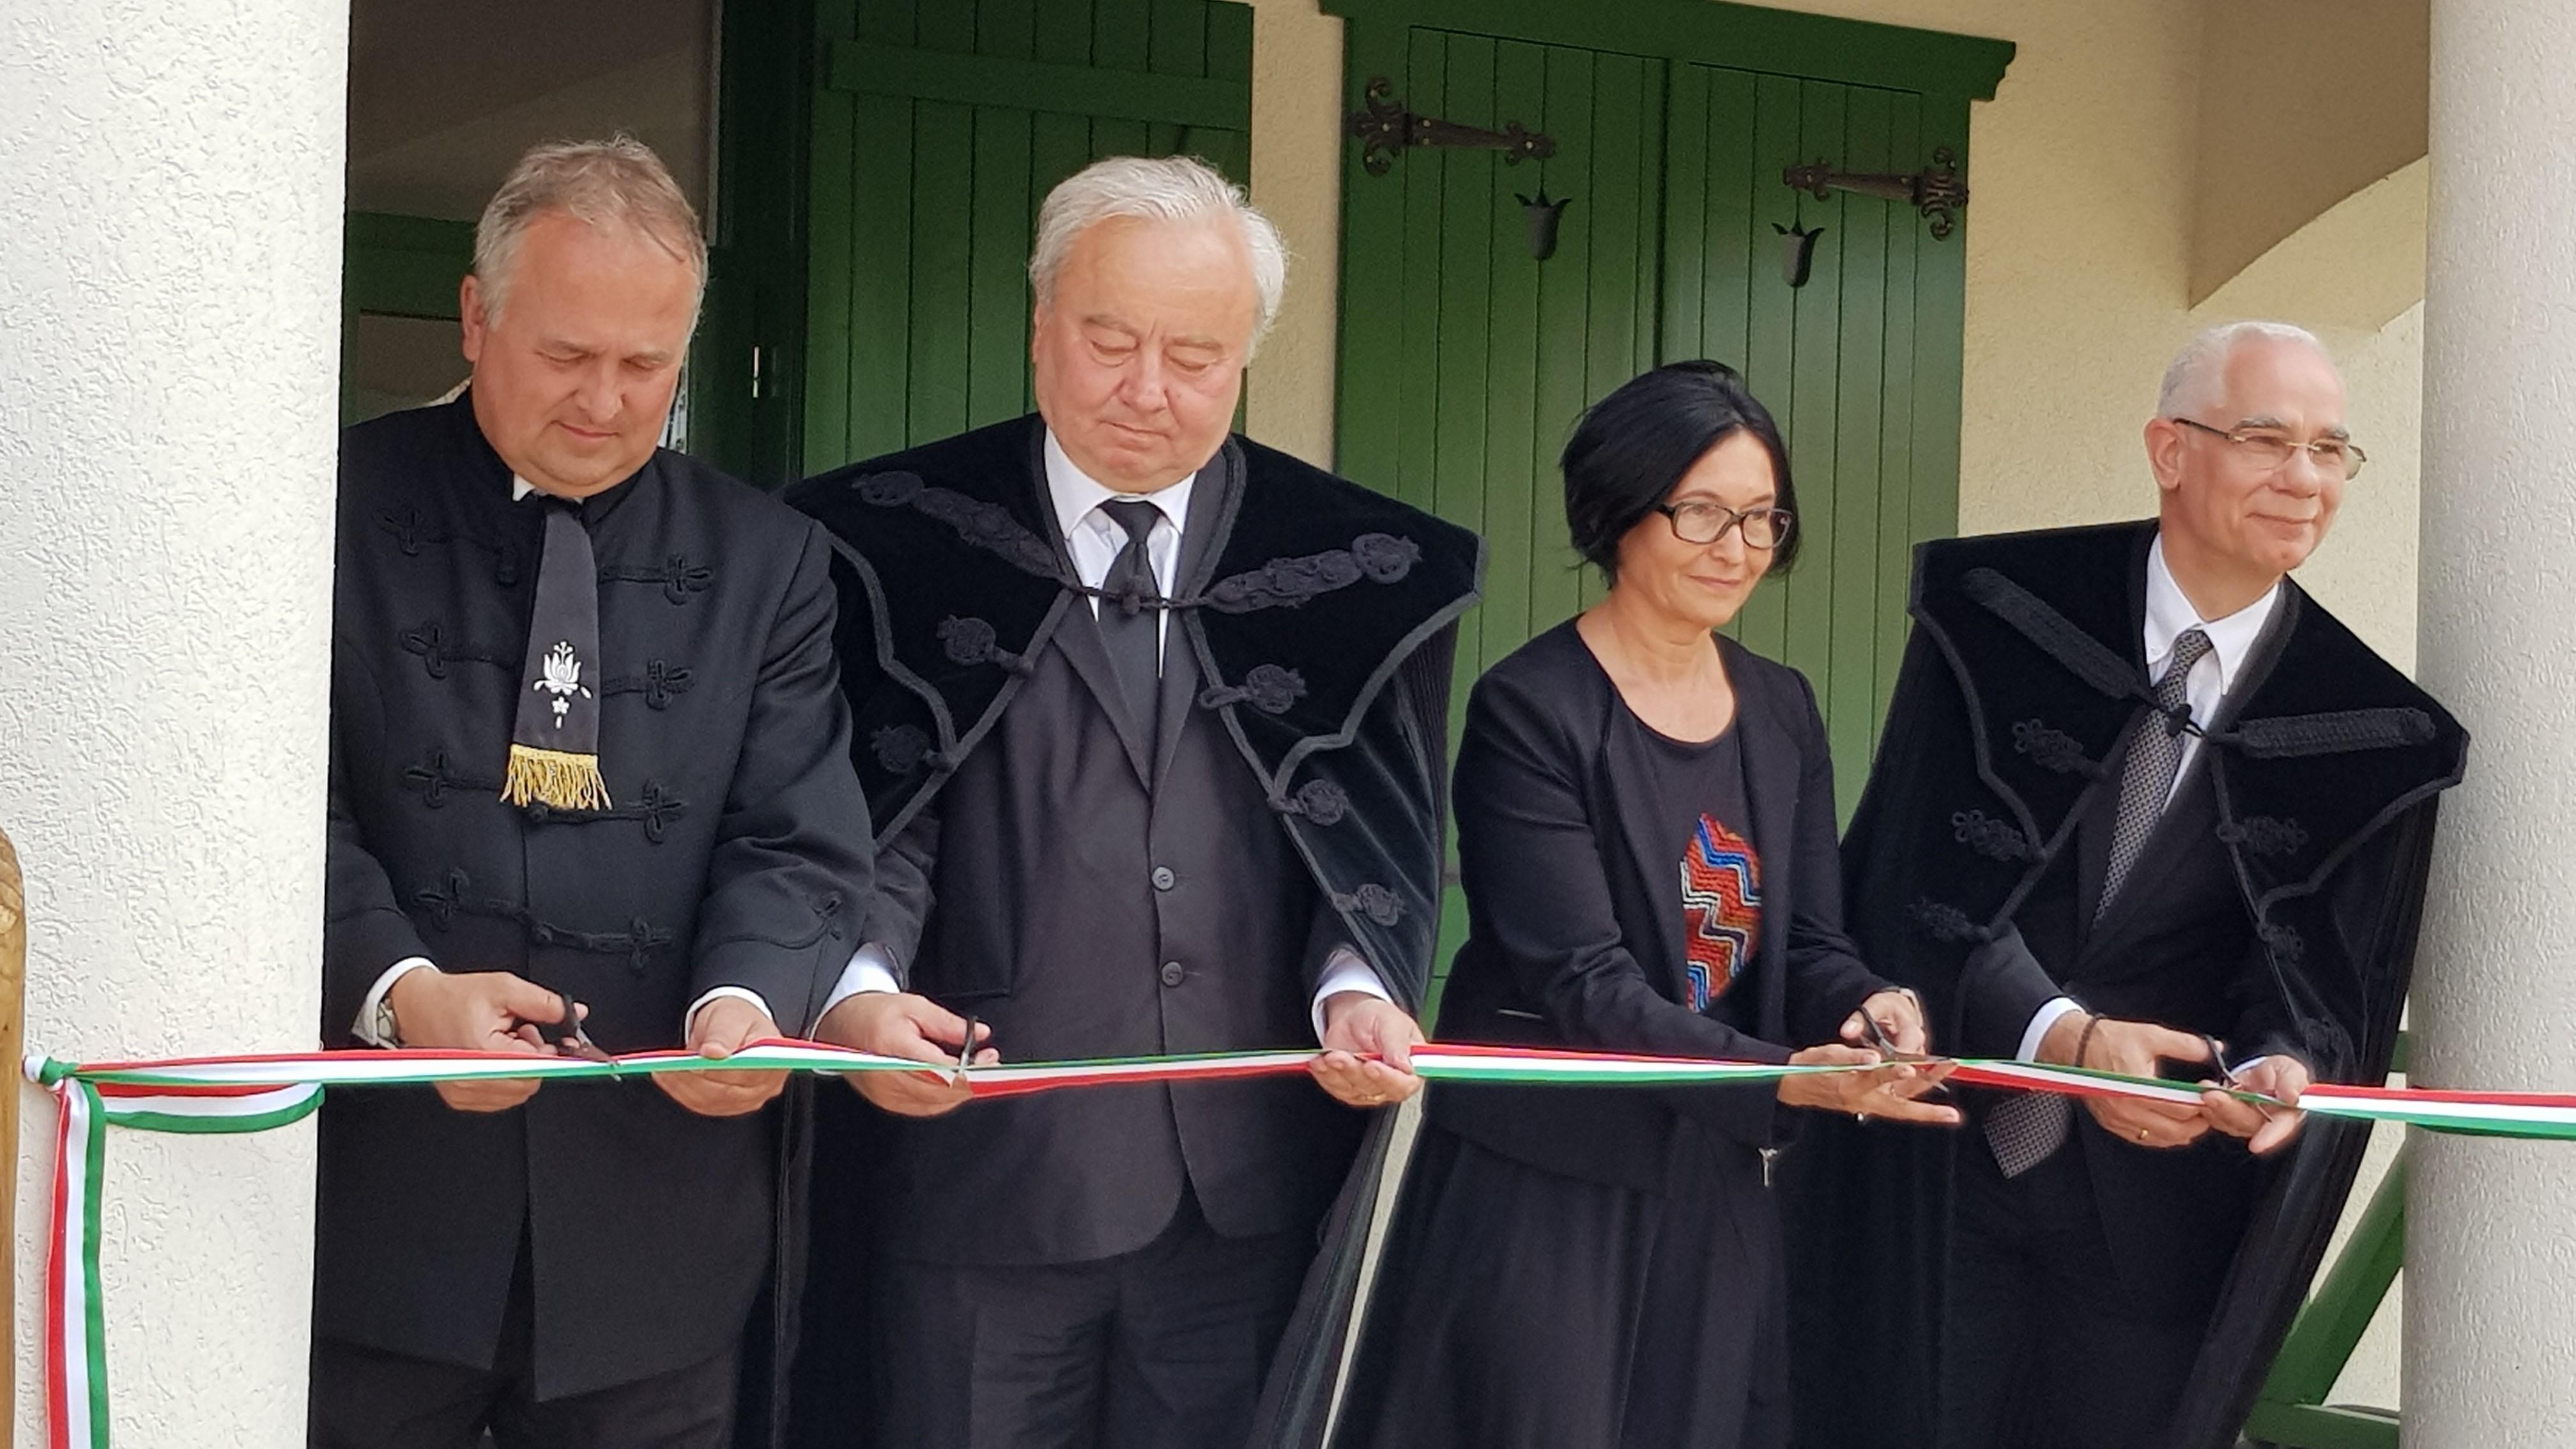 Pakulár István, ft. Csűry István, Brendus Réka és nt. Balog Zoltán